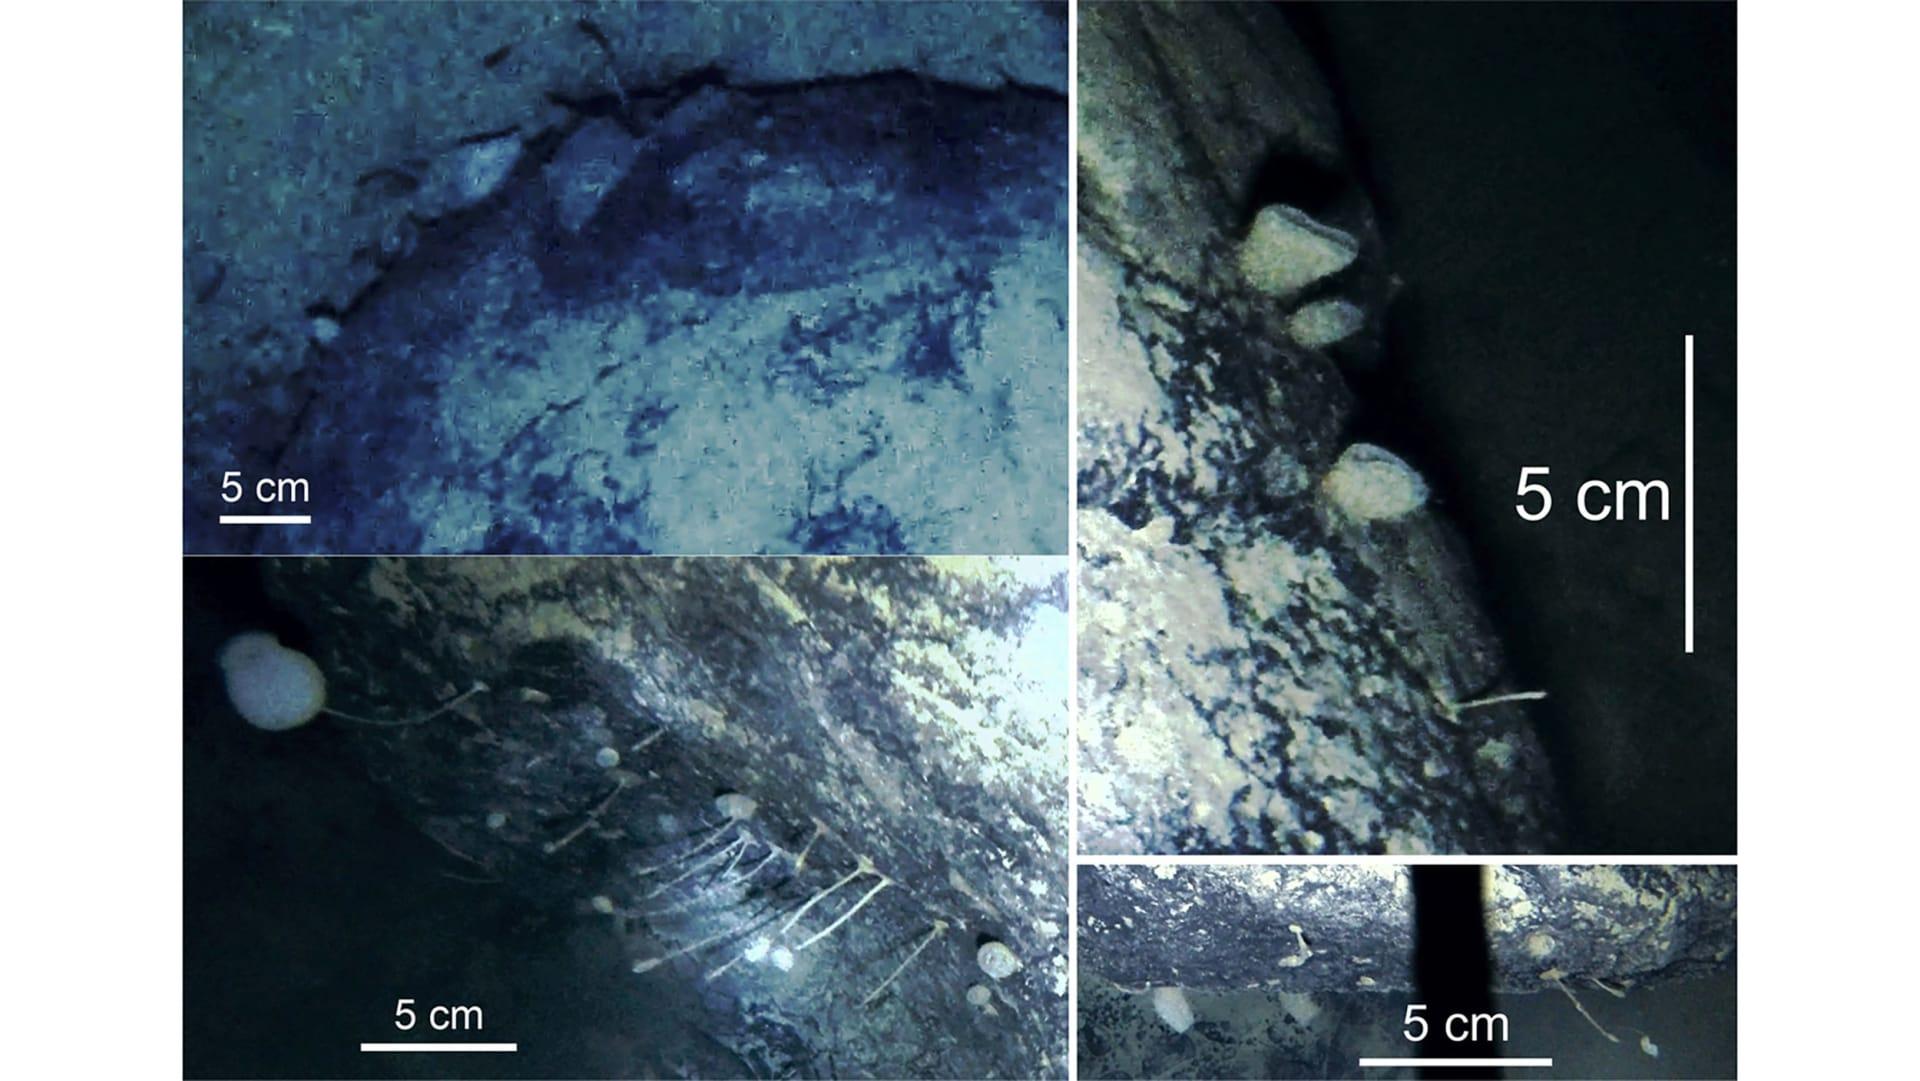 قد تعيش لأعوام دون طعام.. علماء يعثرون على مخلوقات أصابتهم بالحيرة بأعماق القطب الجنوبي بالصدفة